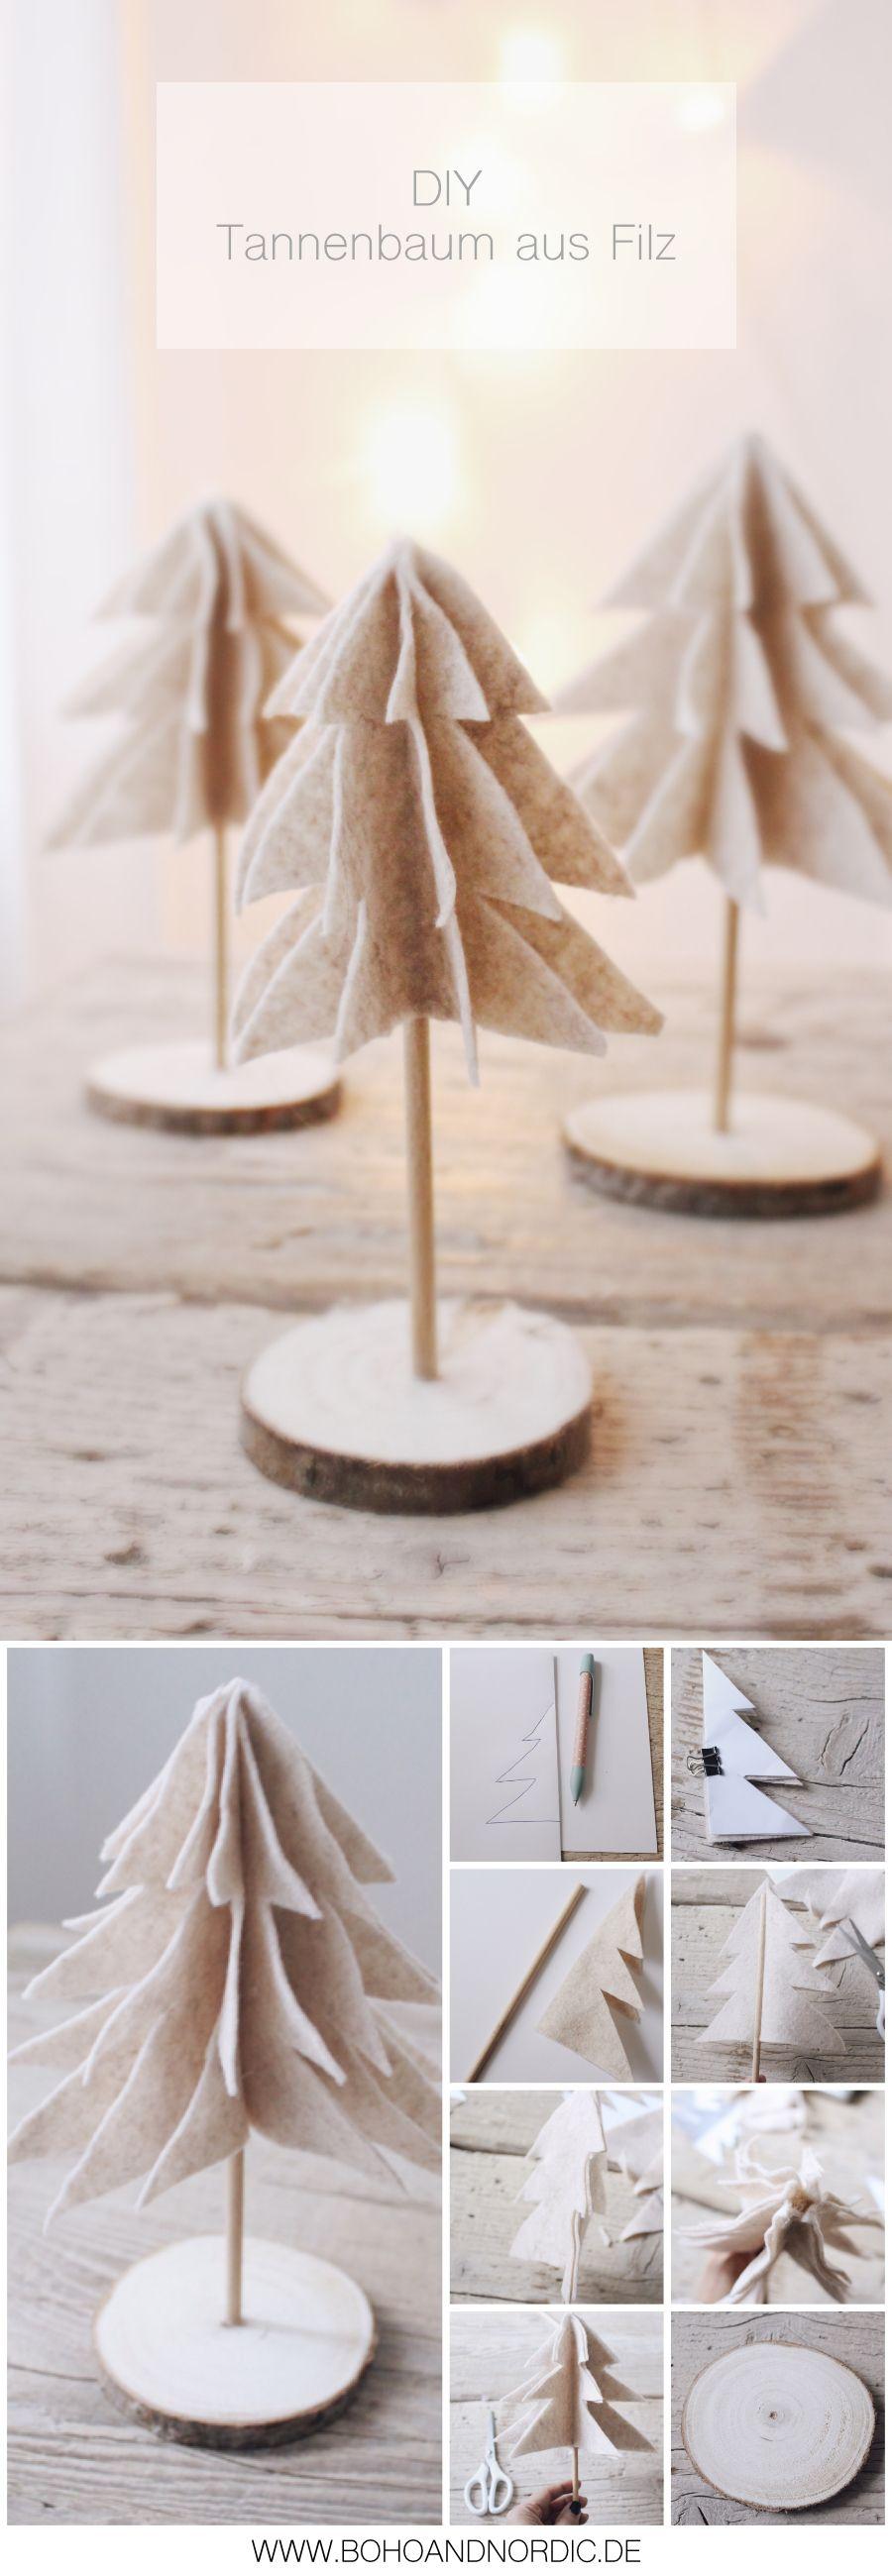 DIY Weihnachtsdeko Tannenbaum im skandinavischen Stil